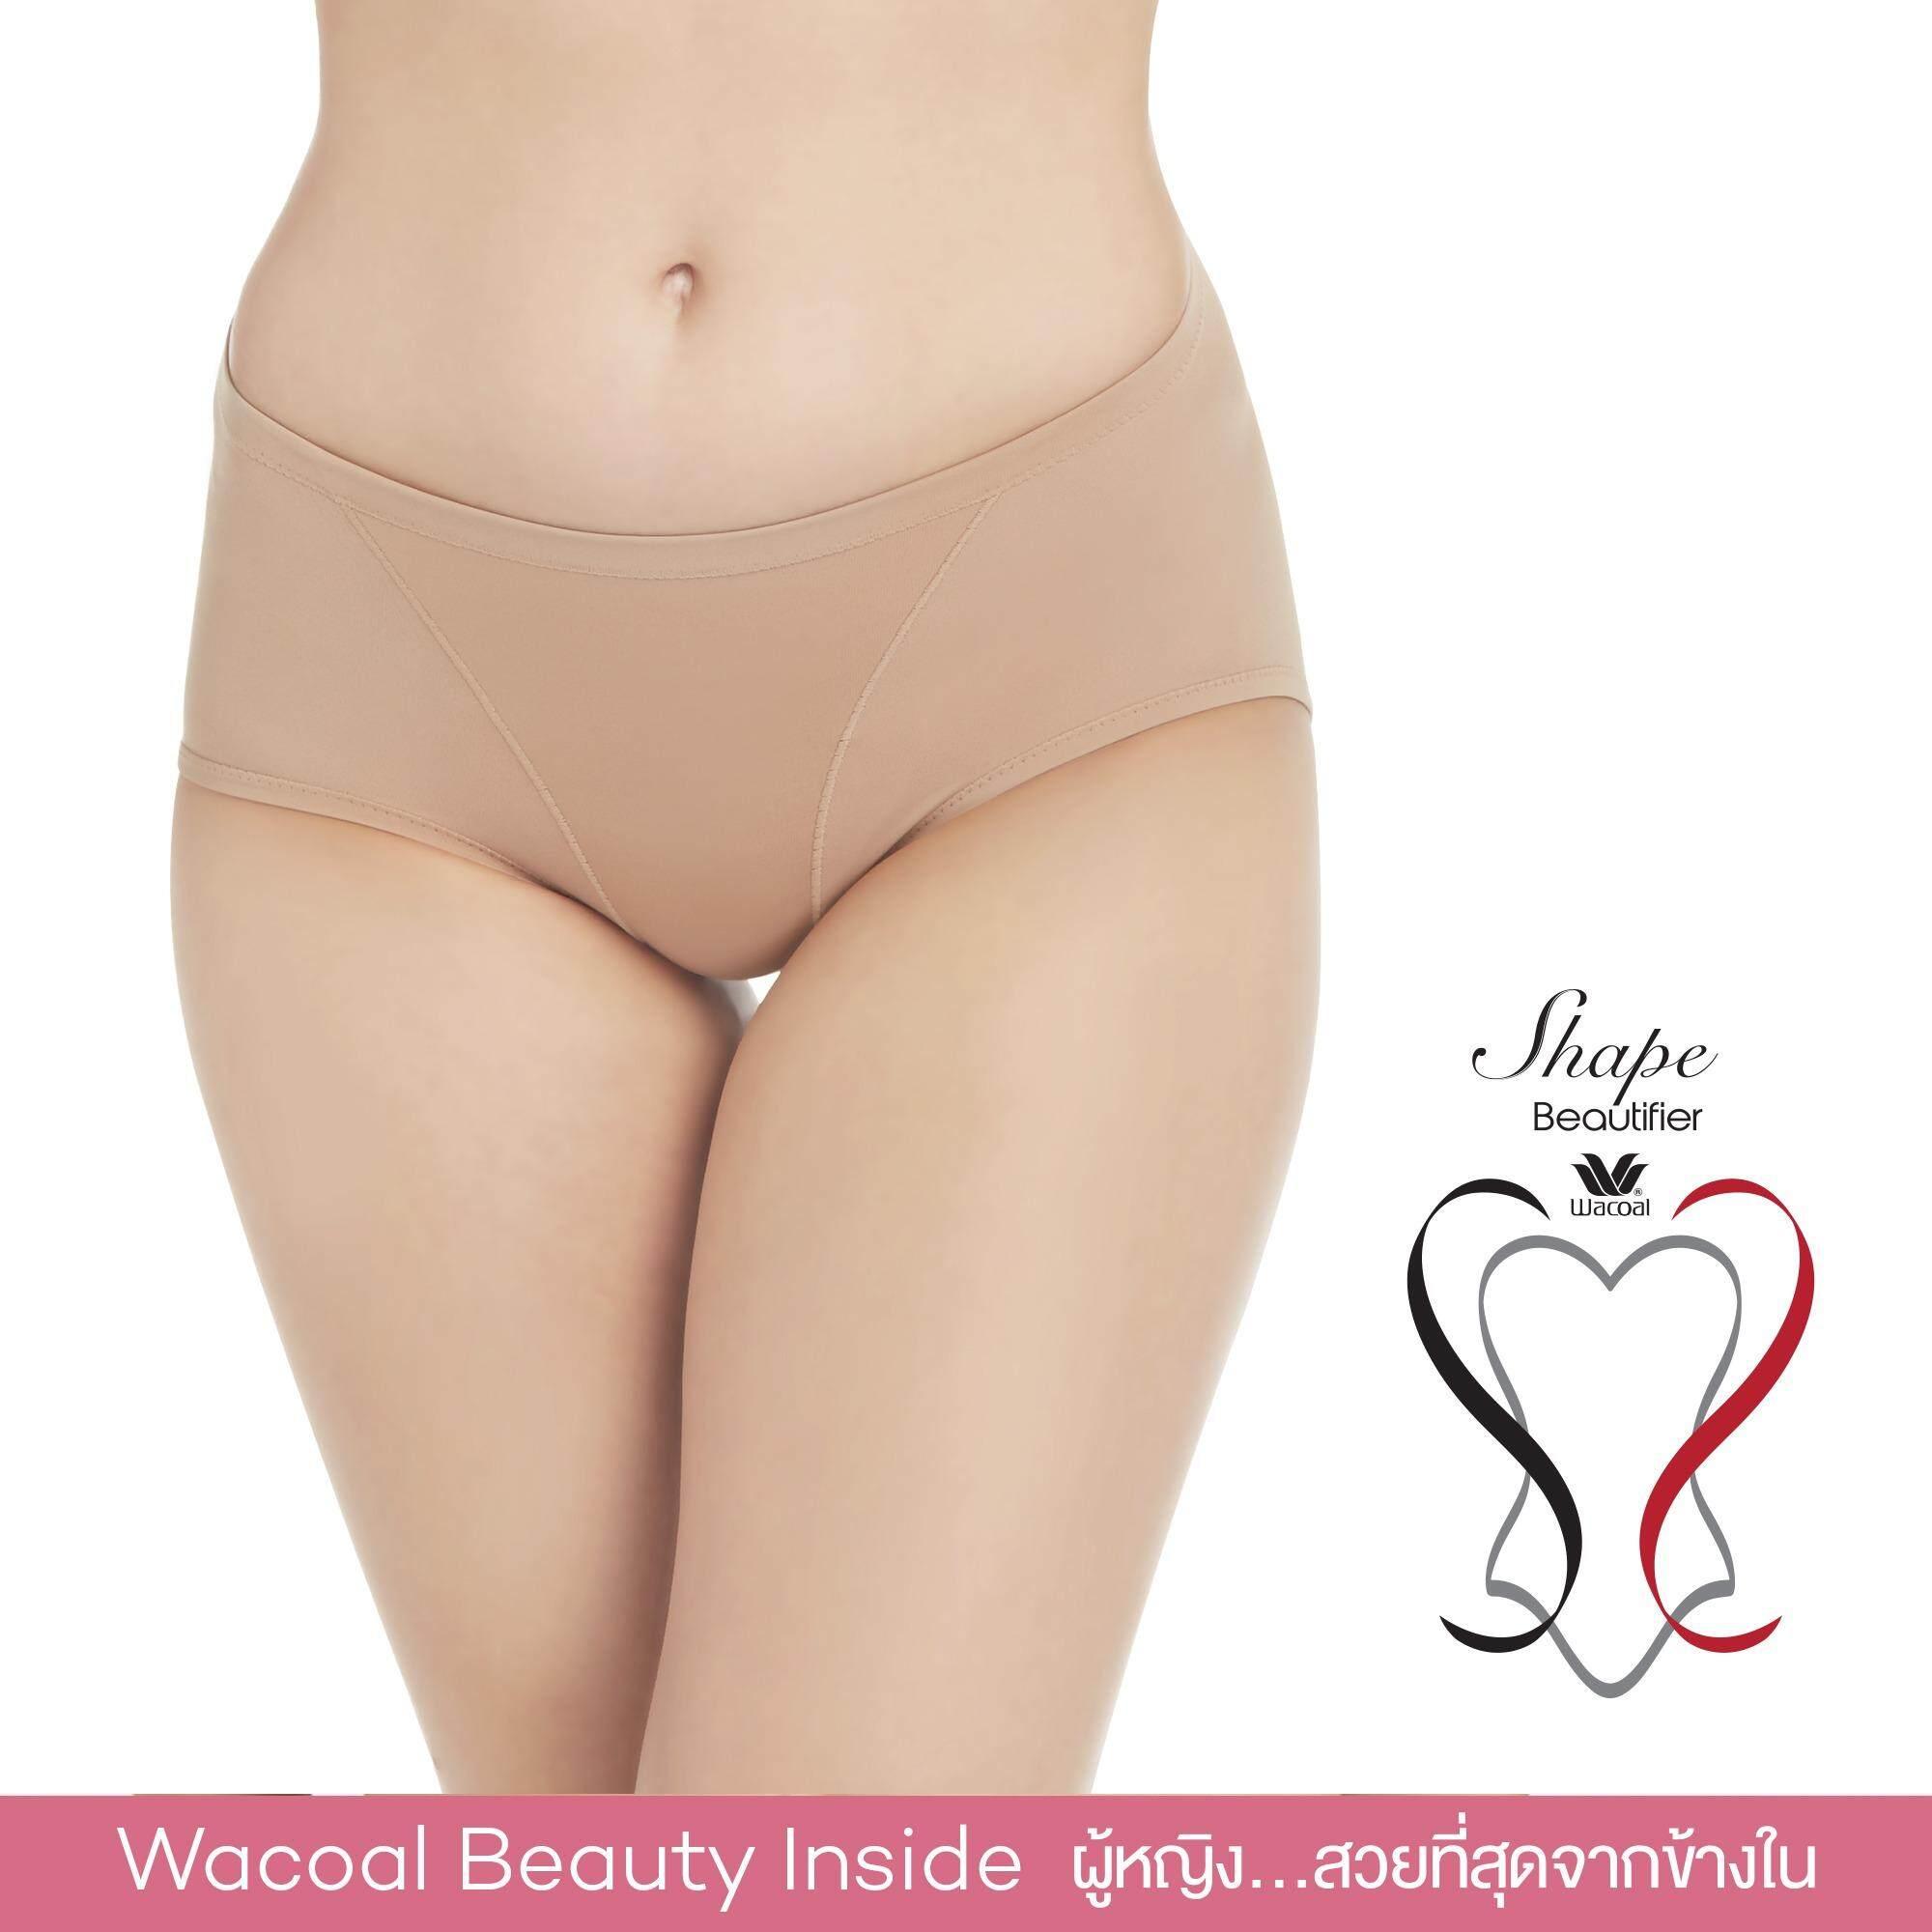 Wacoal Shape beautifier Hips กางเกงยกสะโพก เอวต่ำ - WY1129